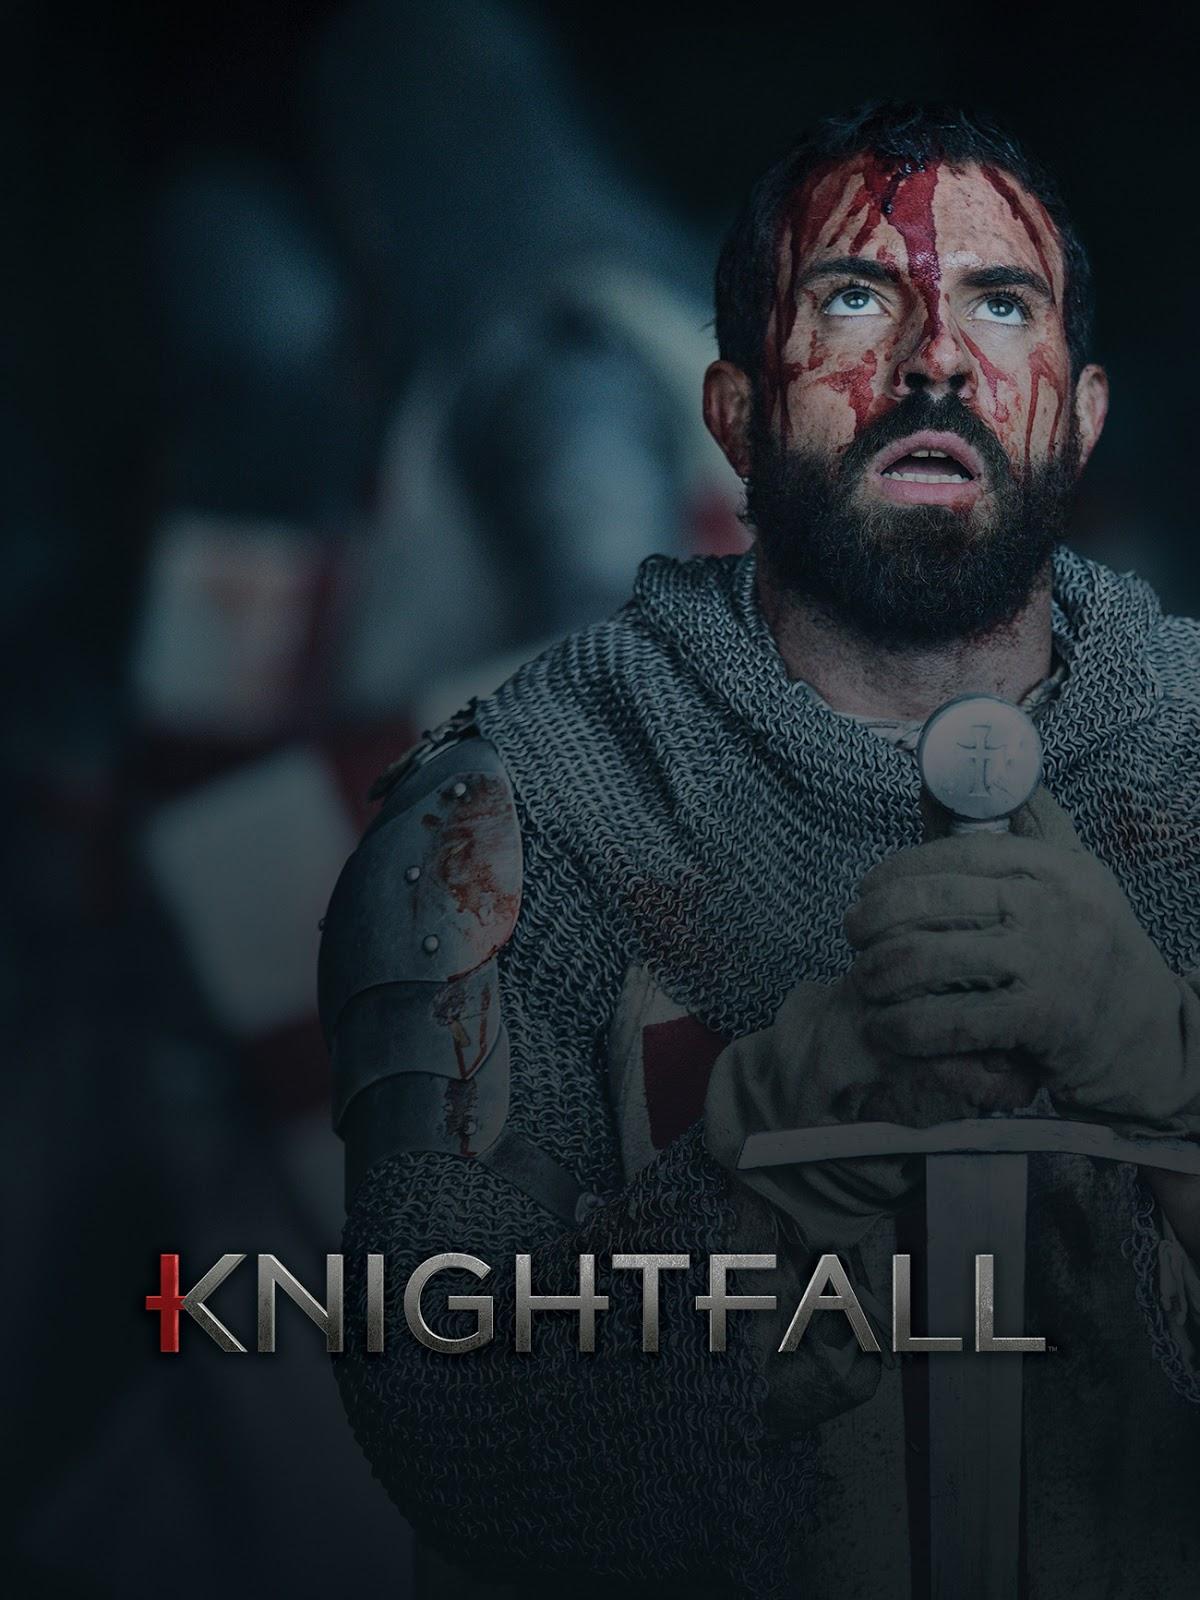 مسلسل Knightfall الموسم الاول الحلقة 2 مترجم